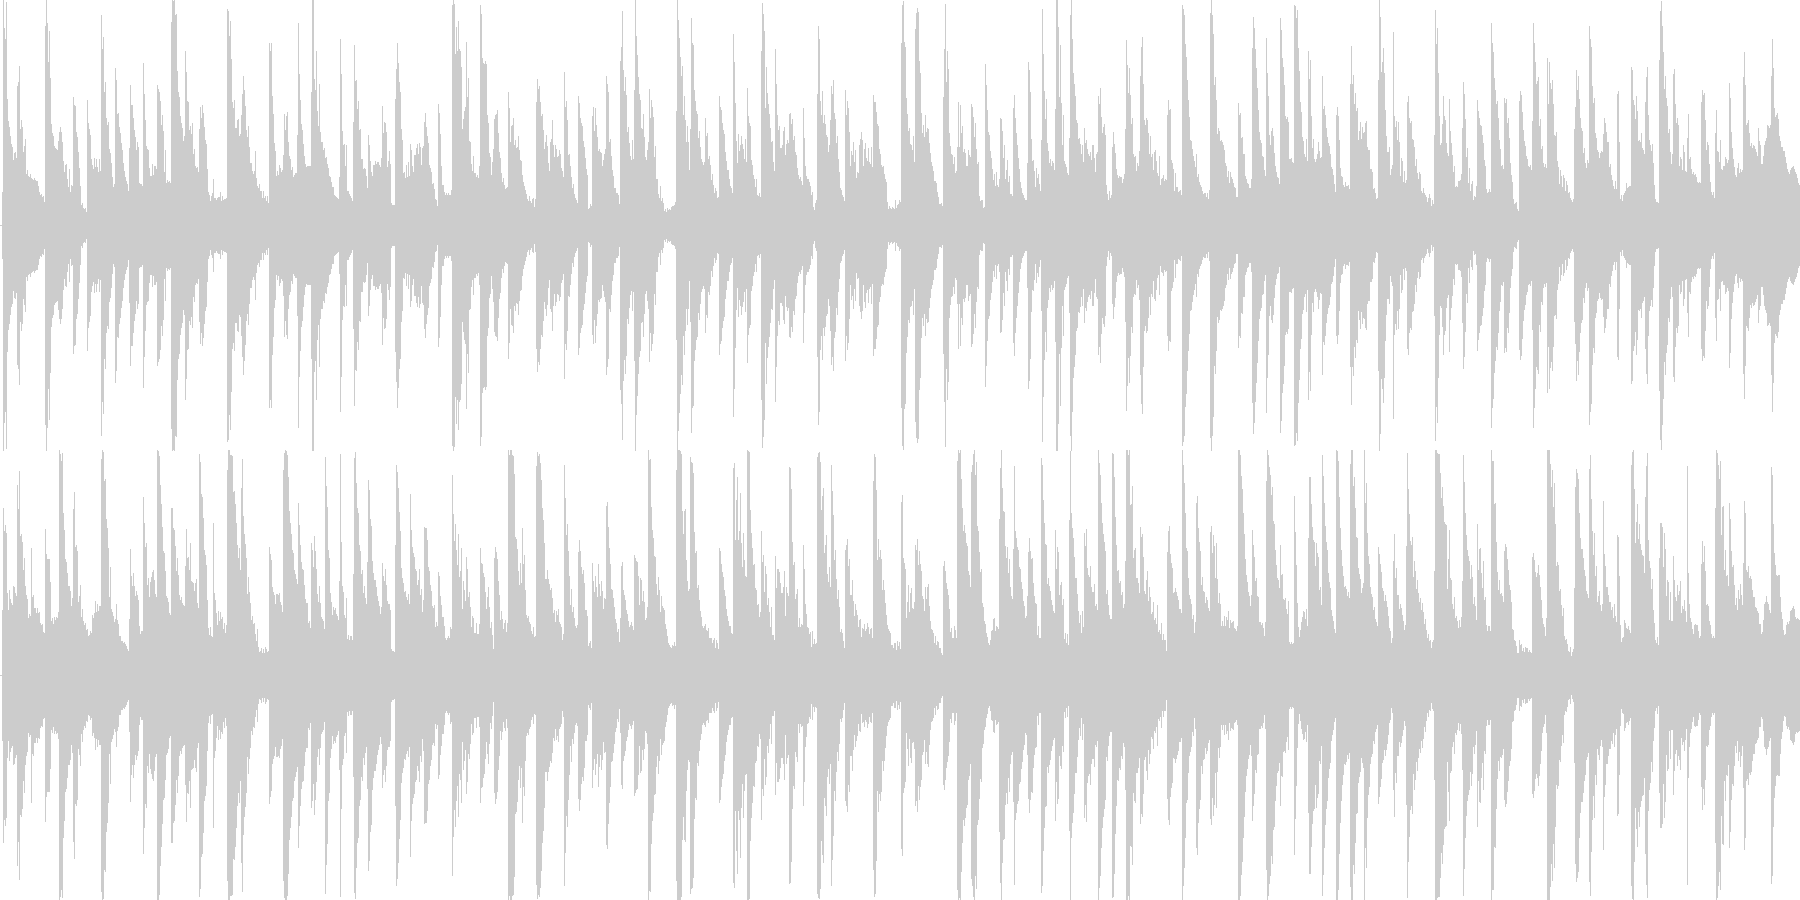 電子的な音で繰り返される楽曲です。の未再生の波形